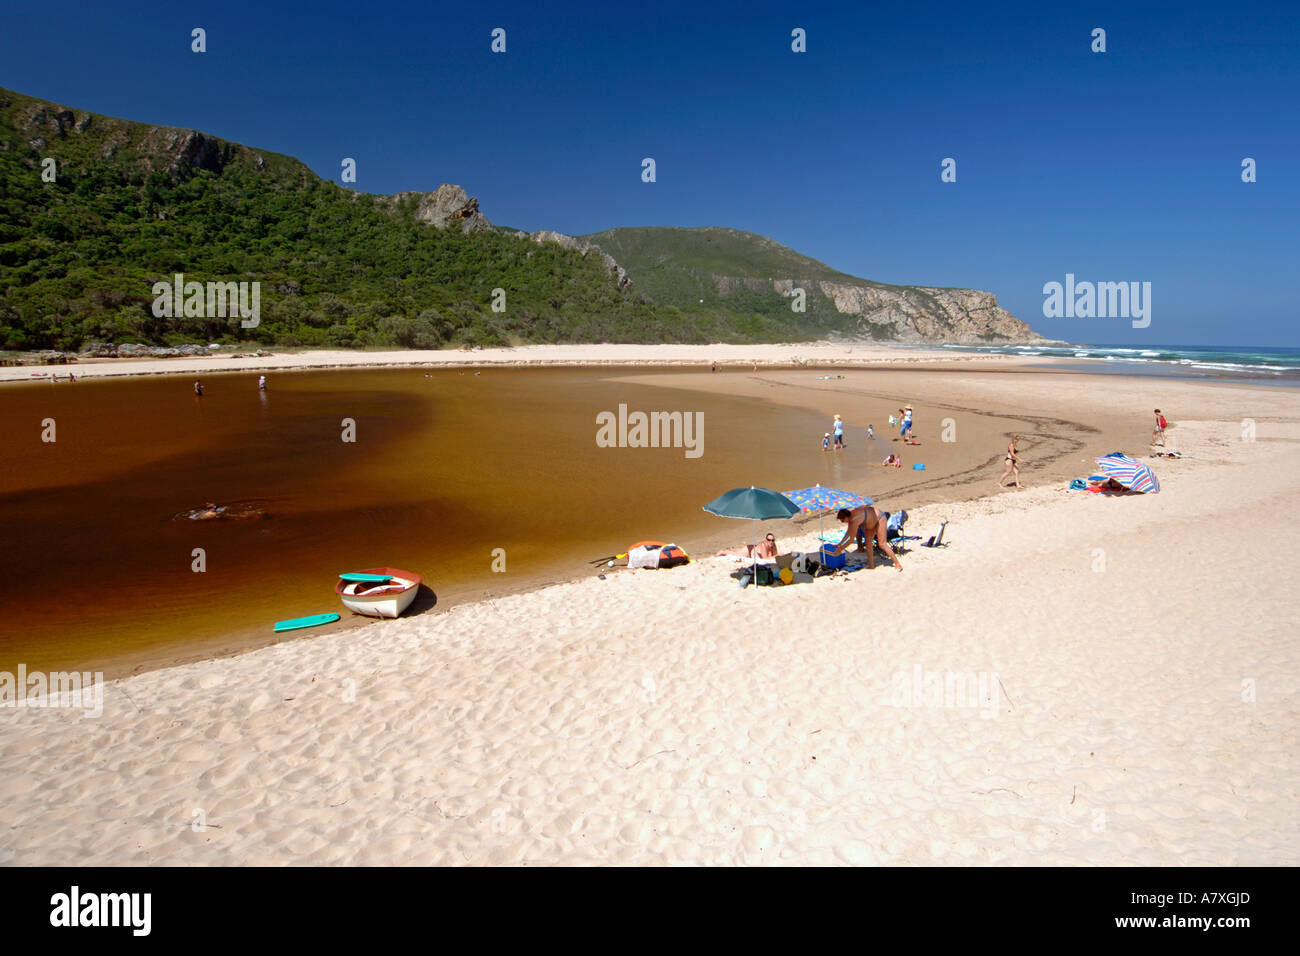 Famiglie suntanning e balneazione lungo il Tagliamento a la natura della Valle sulla Garden Route del Sud Africa. Immagini Stock